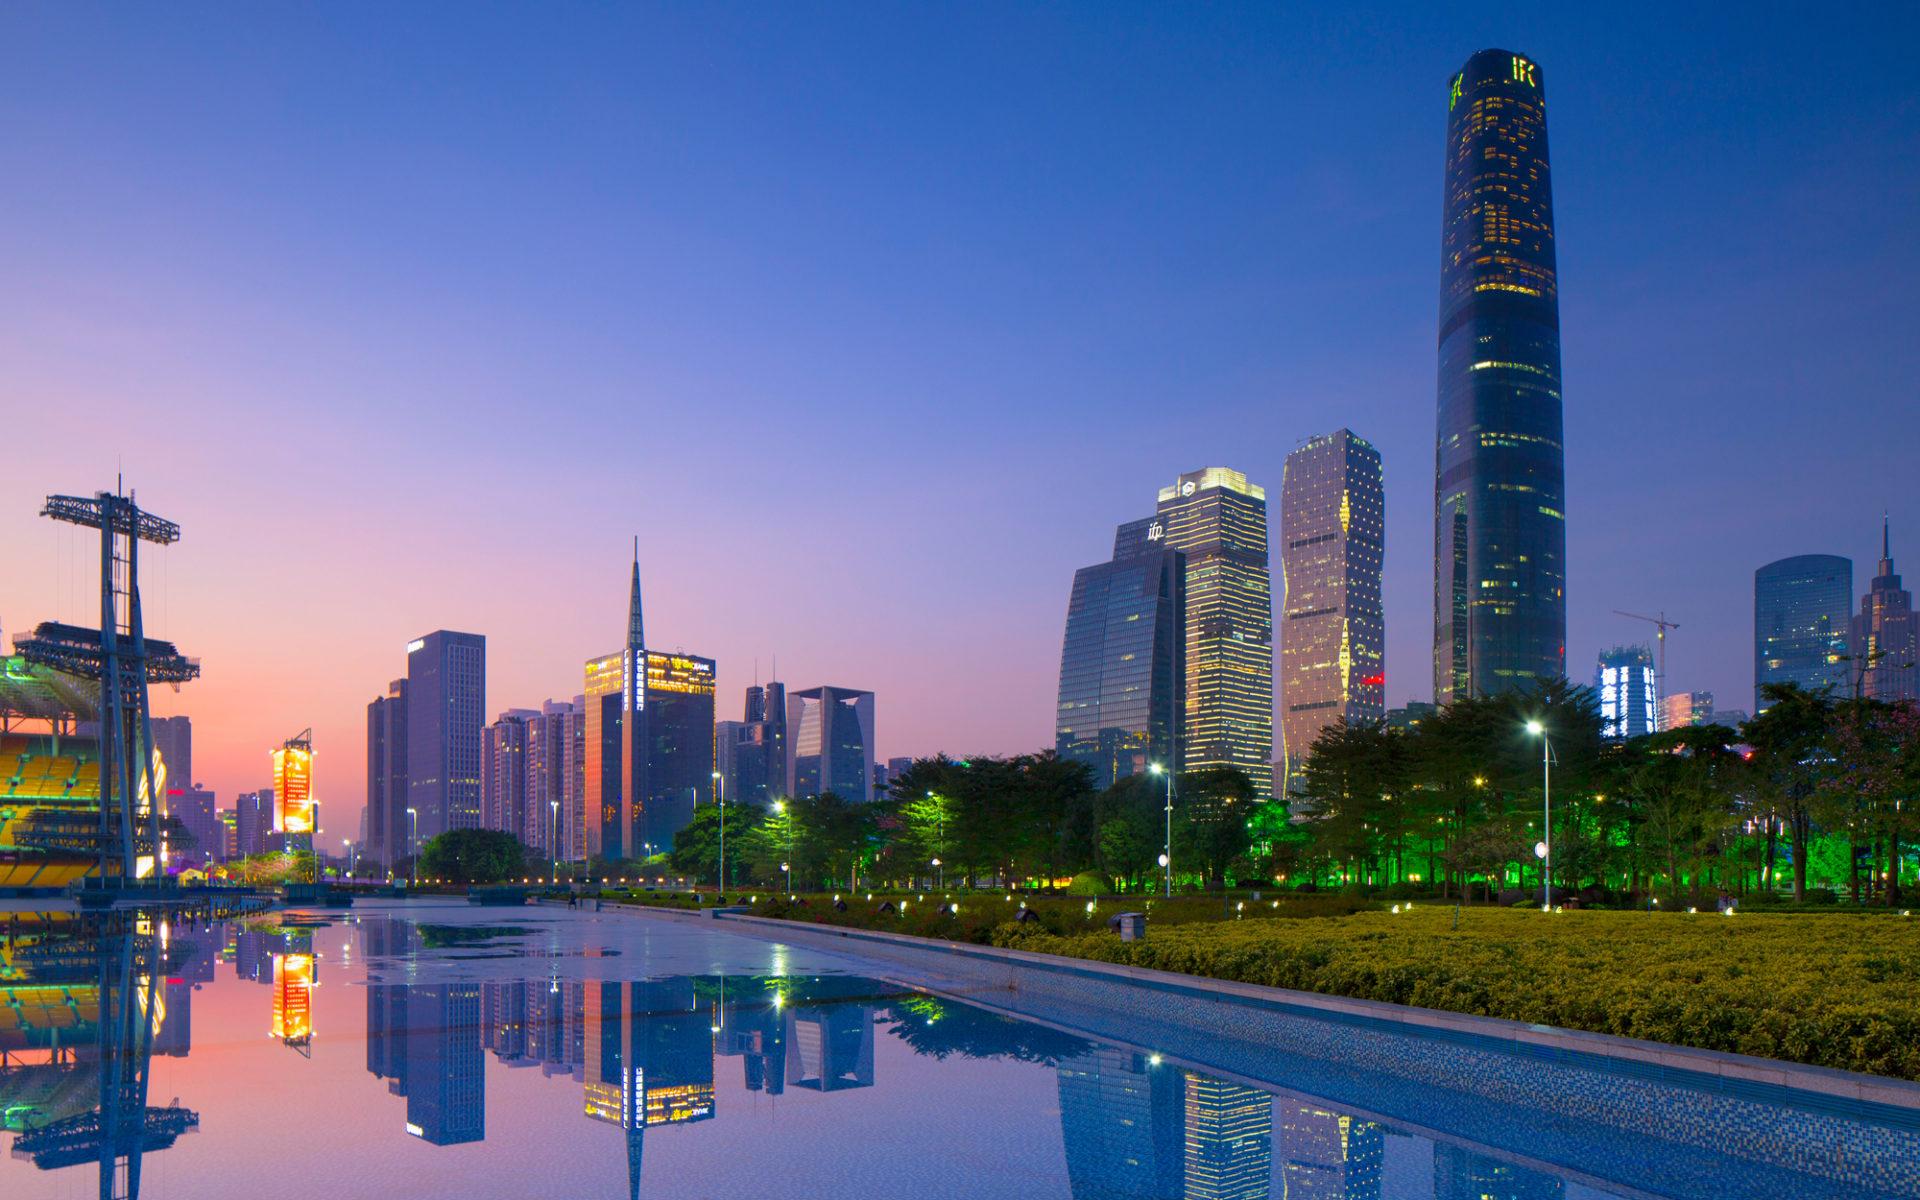 6. Международный финансовый центр (Гуанчжоу, Китай) – 439 метров.